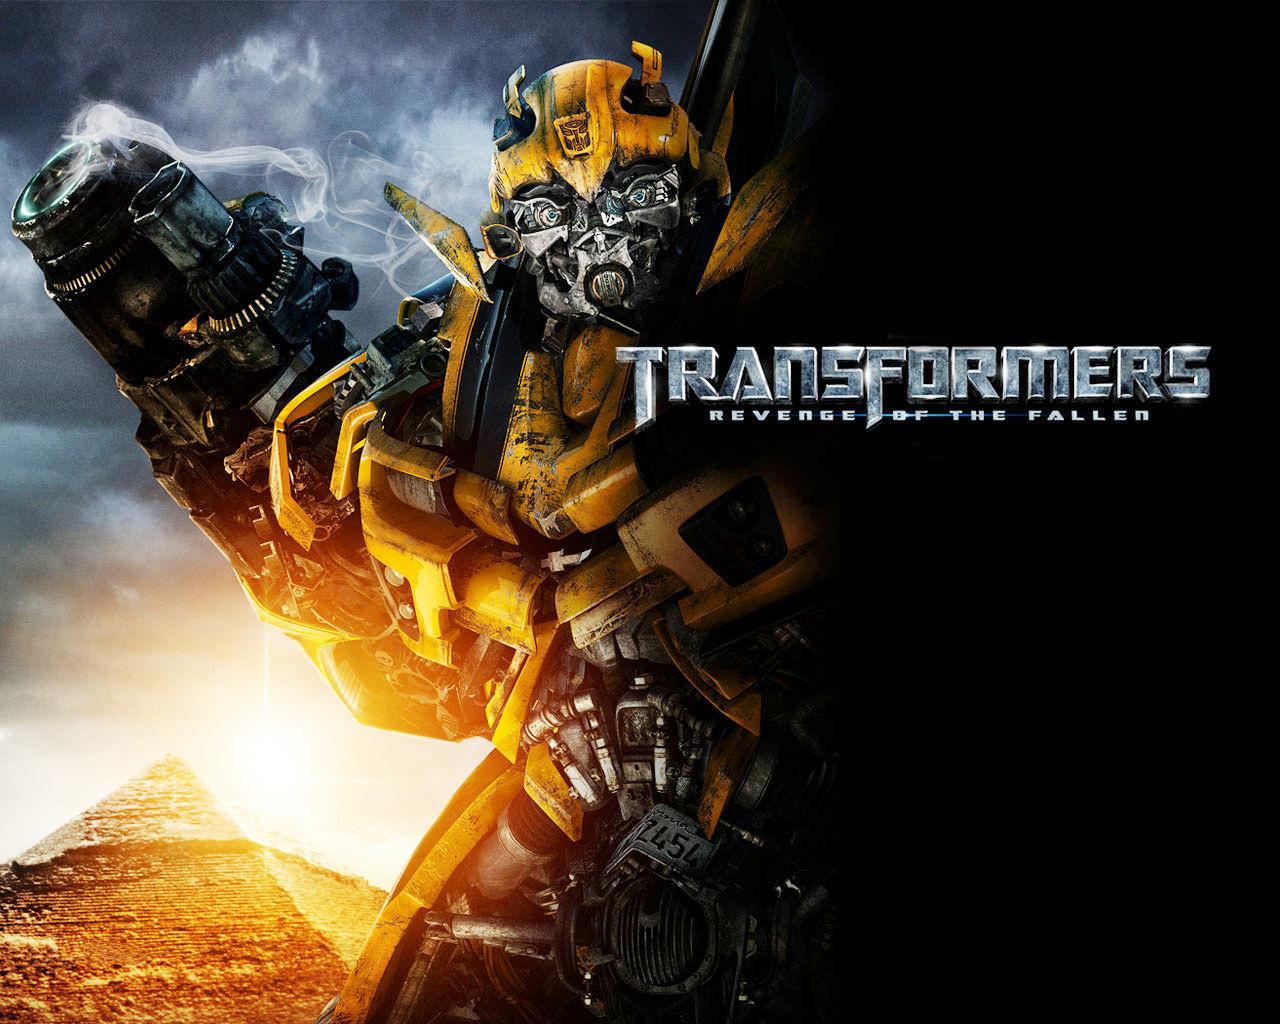 Transformers 2 Bumblebee Wallpaper - WallpaperSafari